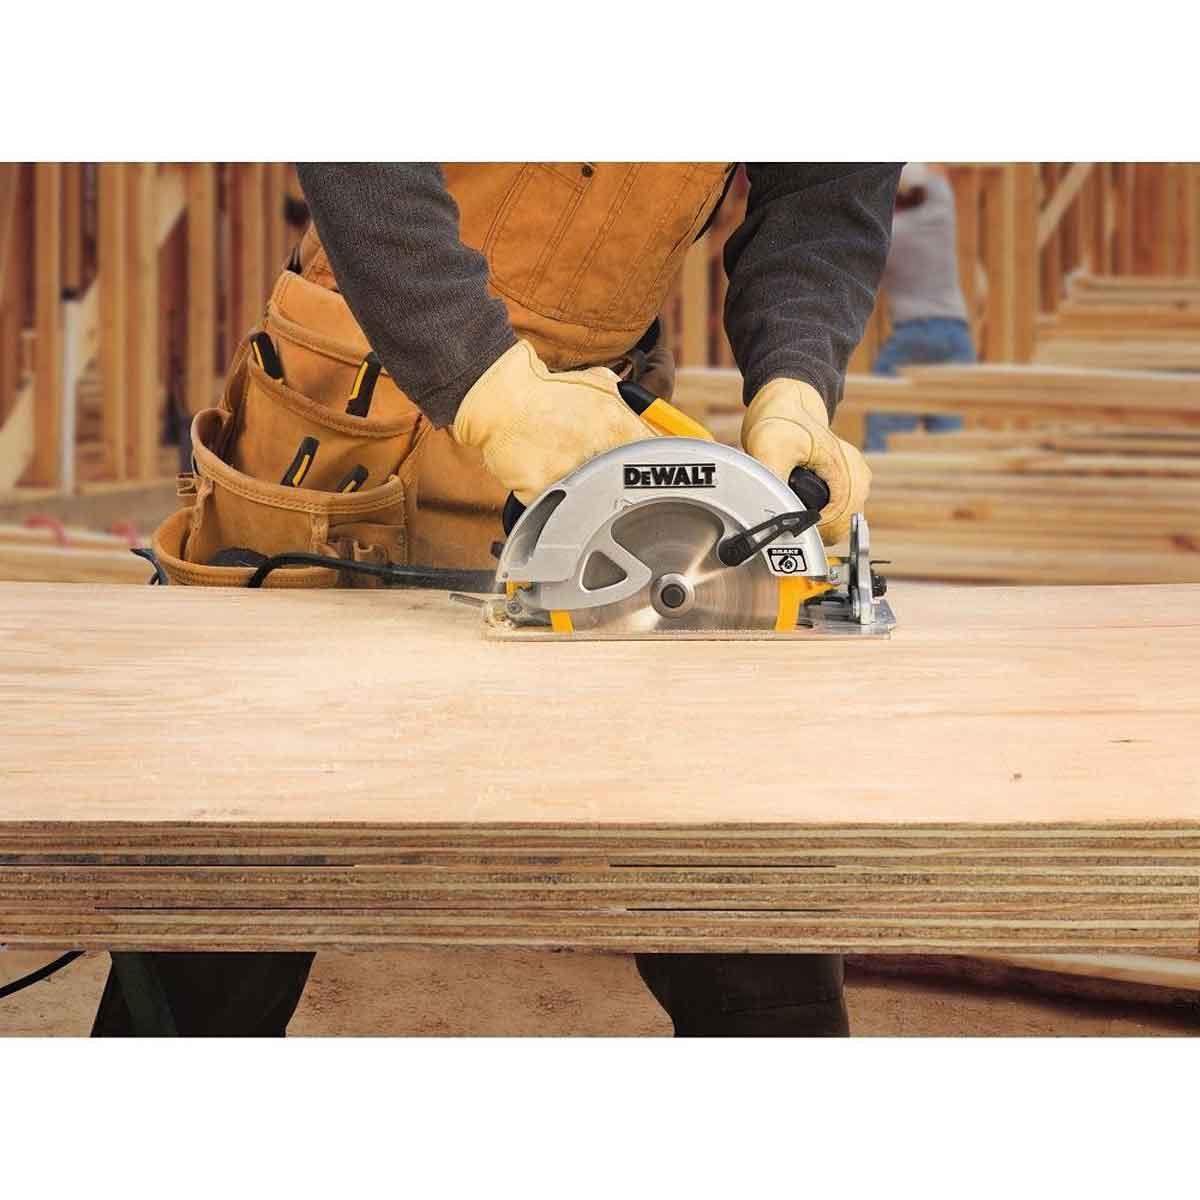 DWE575SB Dewalt Circular tile Saw